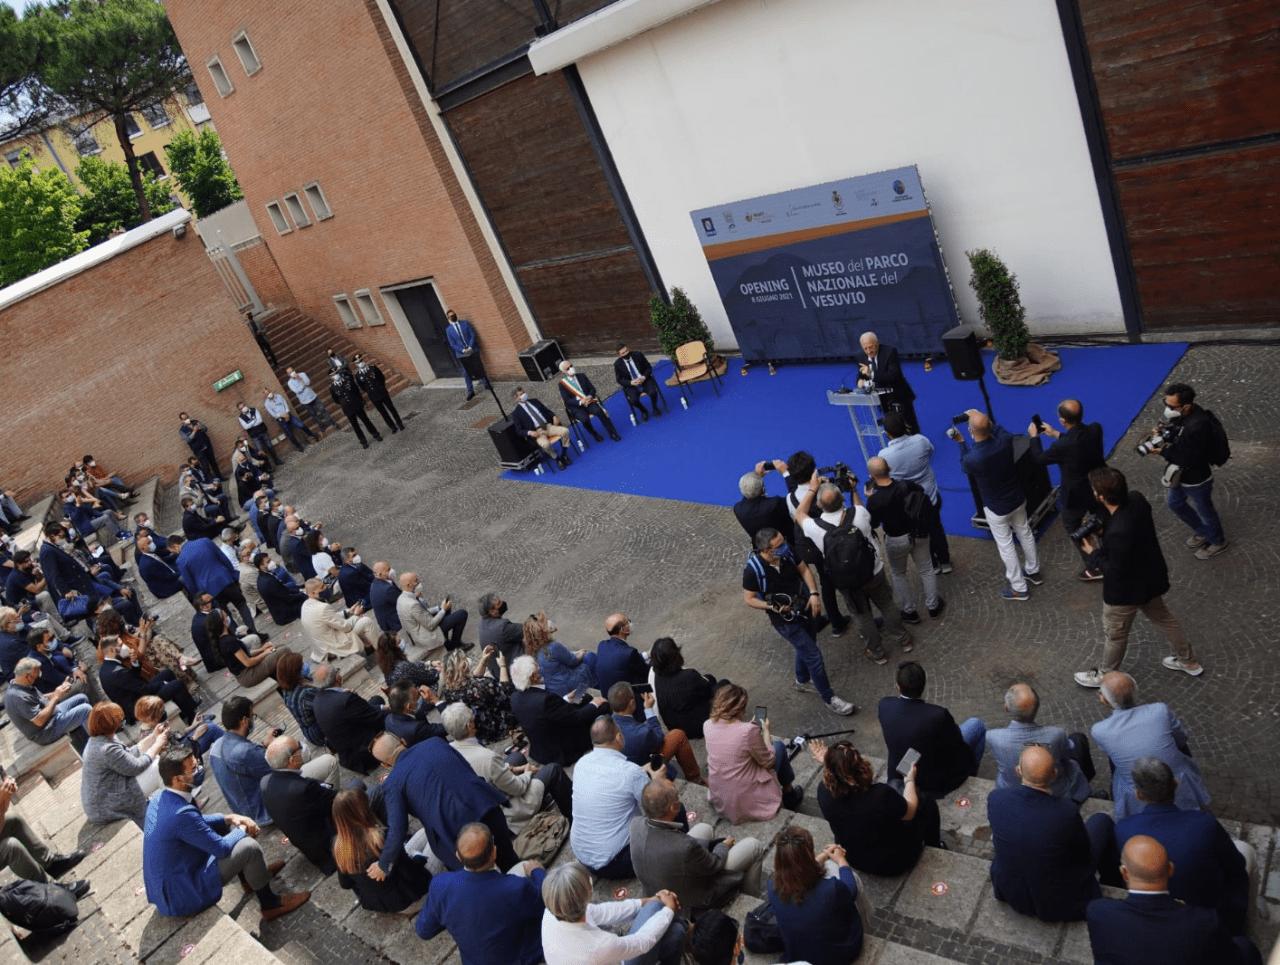 Inaugurazione Museo del Parco Nazionale del Vesuvio - Foto Ufficio Stampa